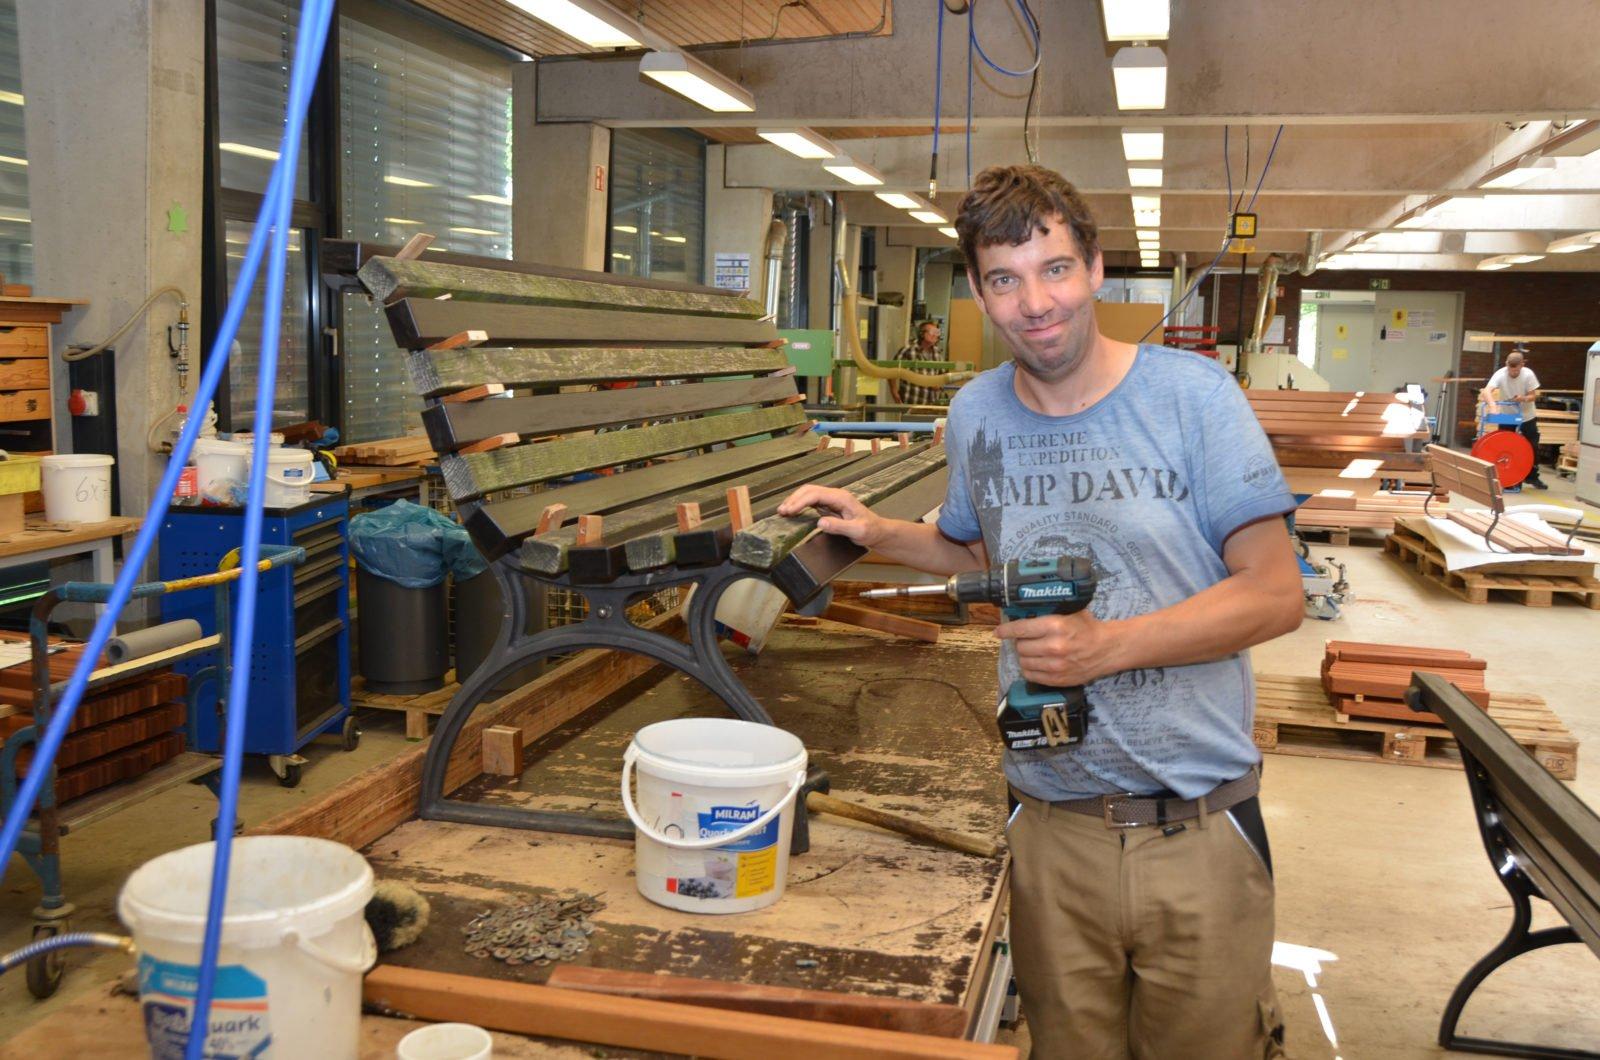 Ein Werkstattmitarbeiter steht mit einem Akkuschrauber in der Hand vor einer Parkbank, die restauriert werden soll.